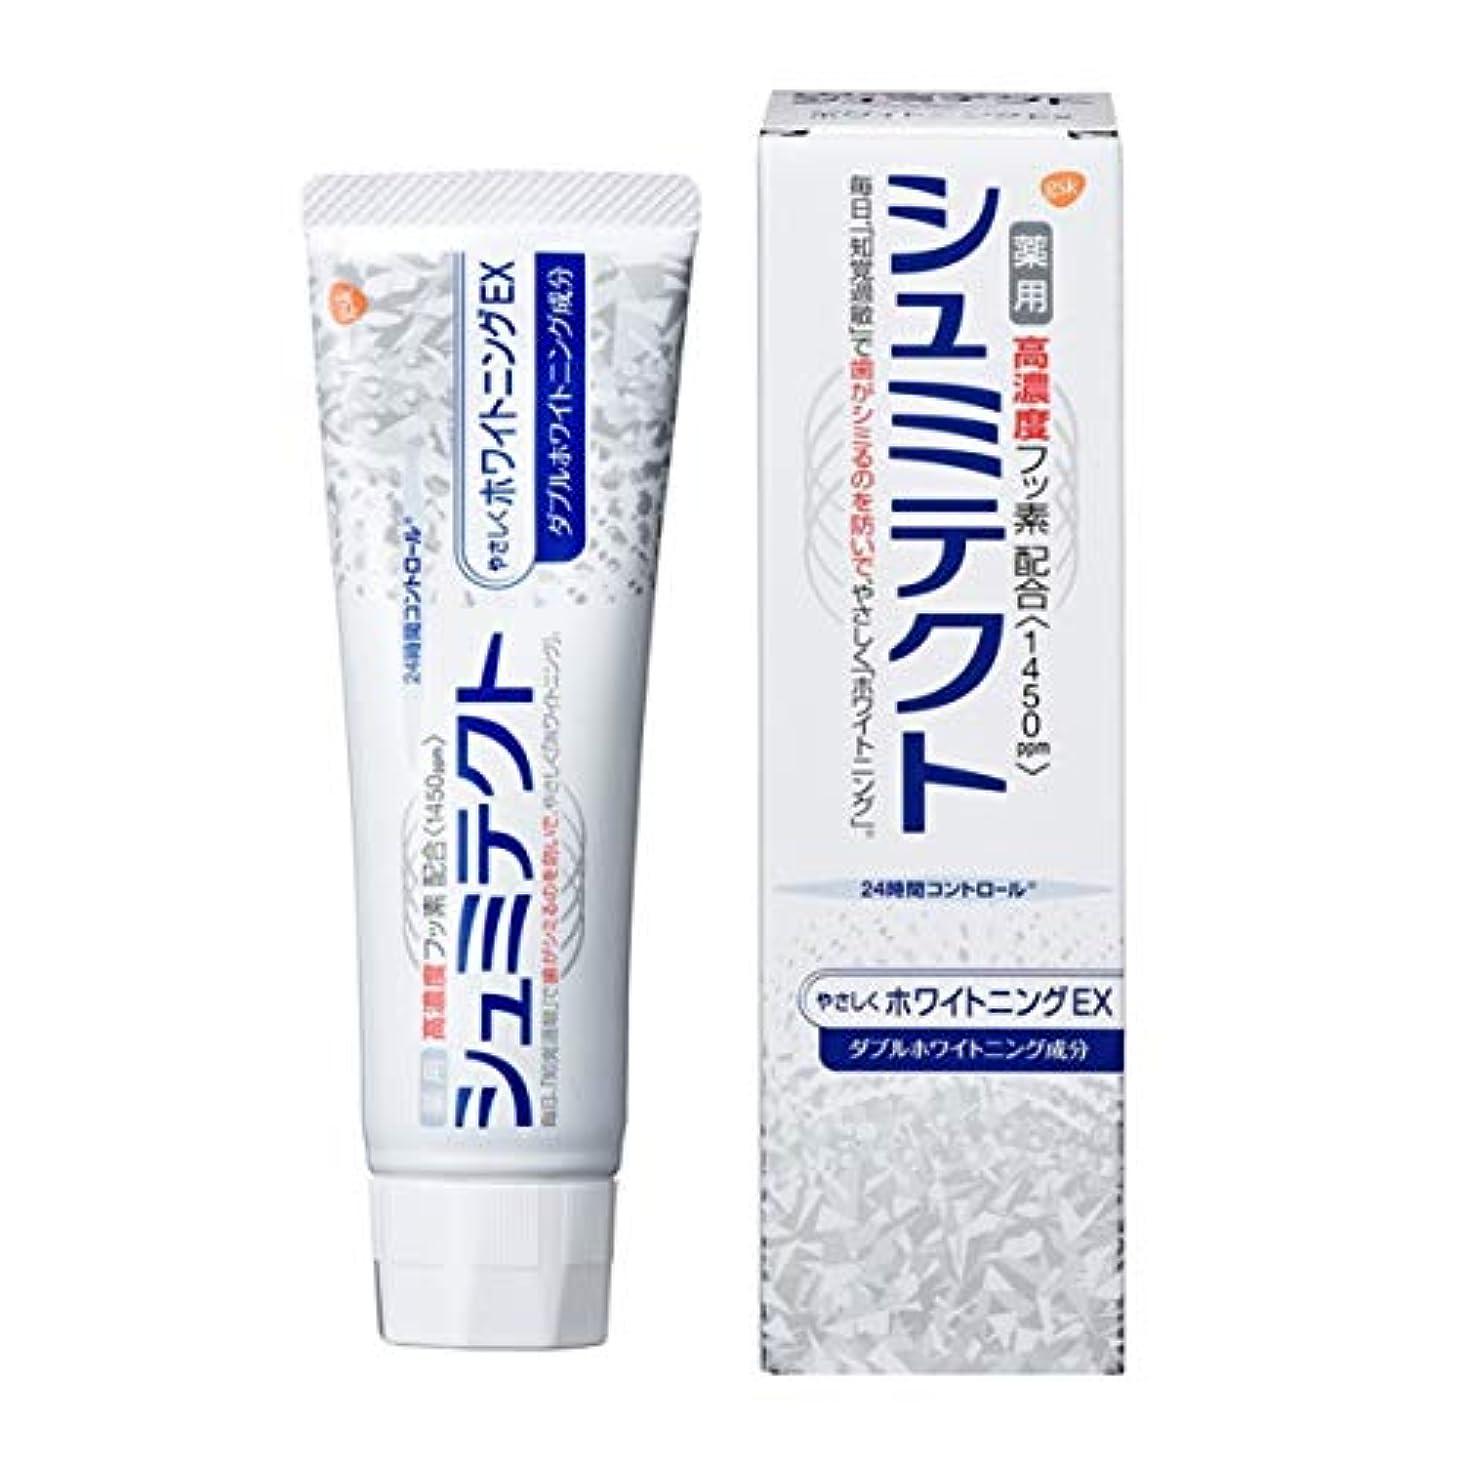 封建動作アシスト薬用シュミテクト やさしくホワイトニングEX 高濃度フッ素配合 <1450ppm> 知覚過敏予防 歯磨き粉 90g